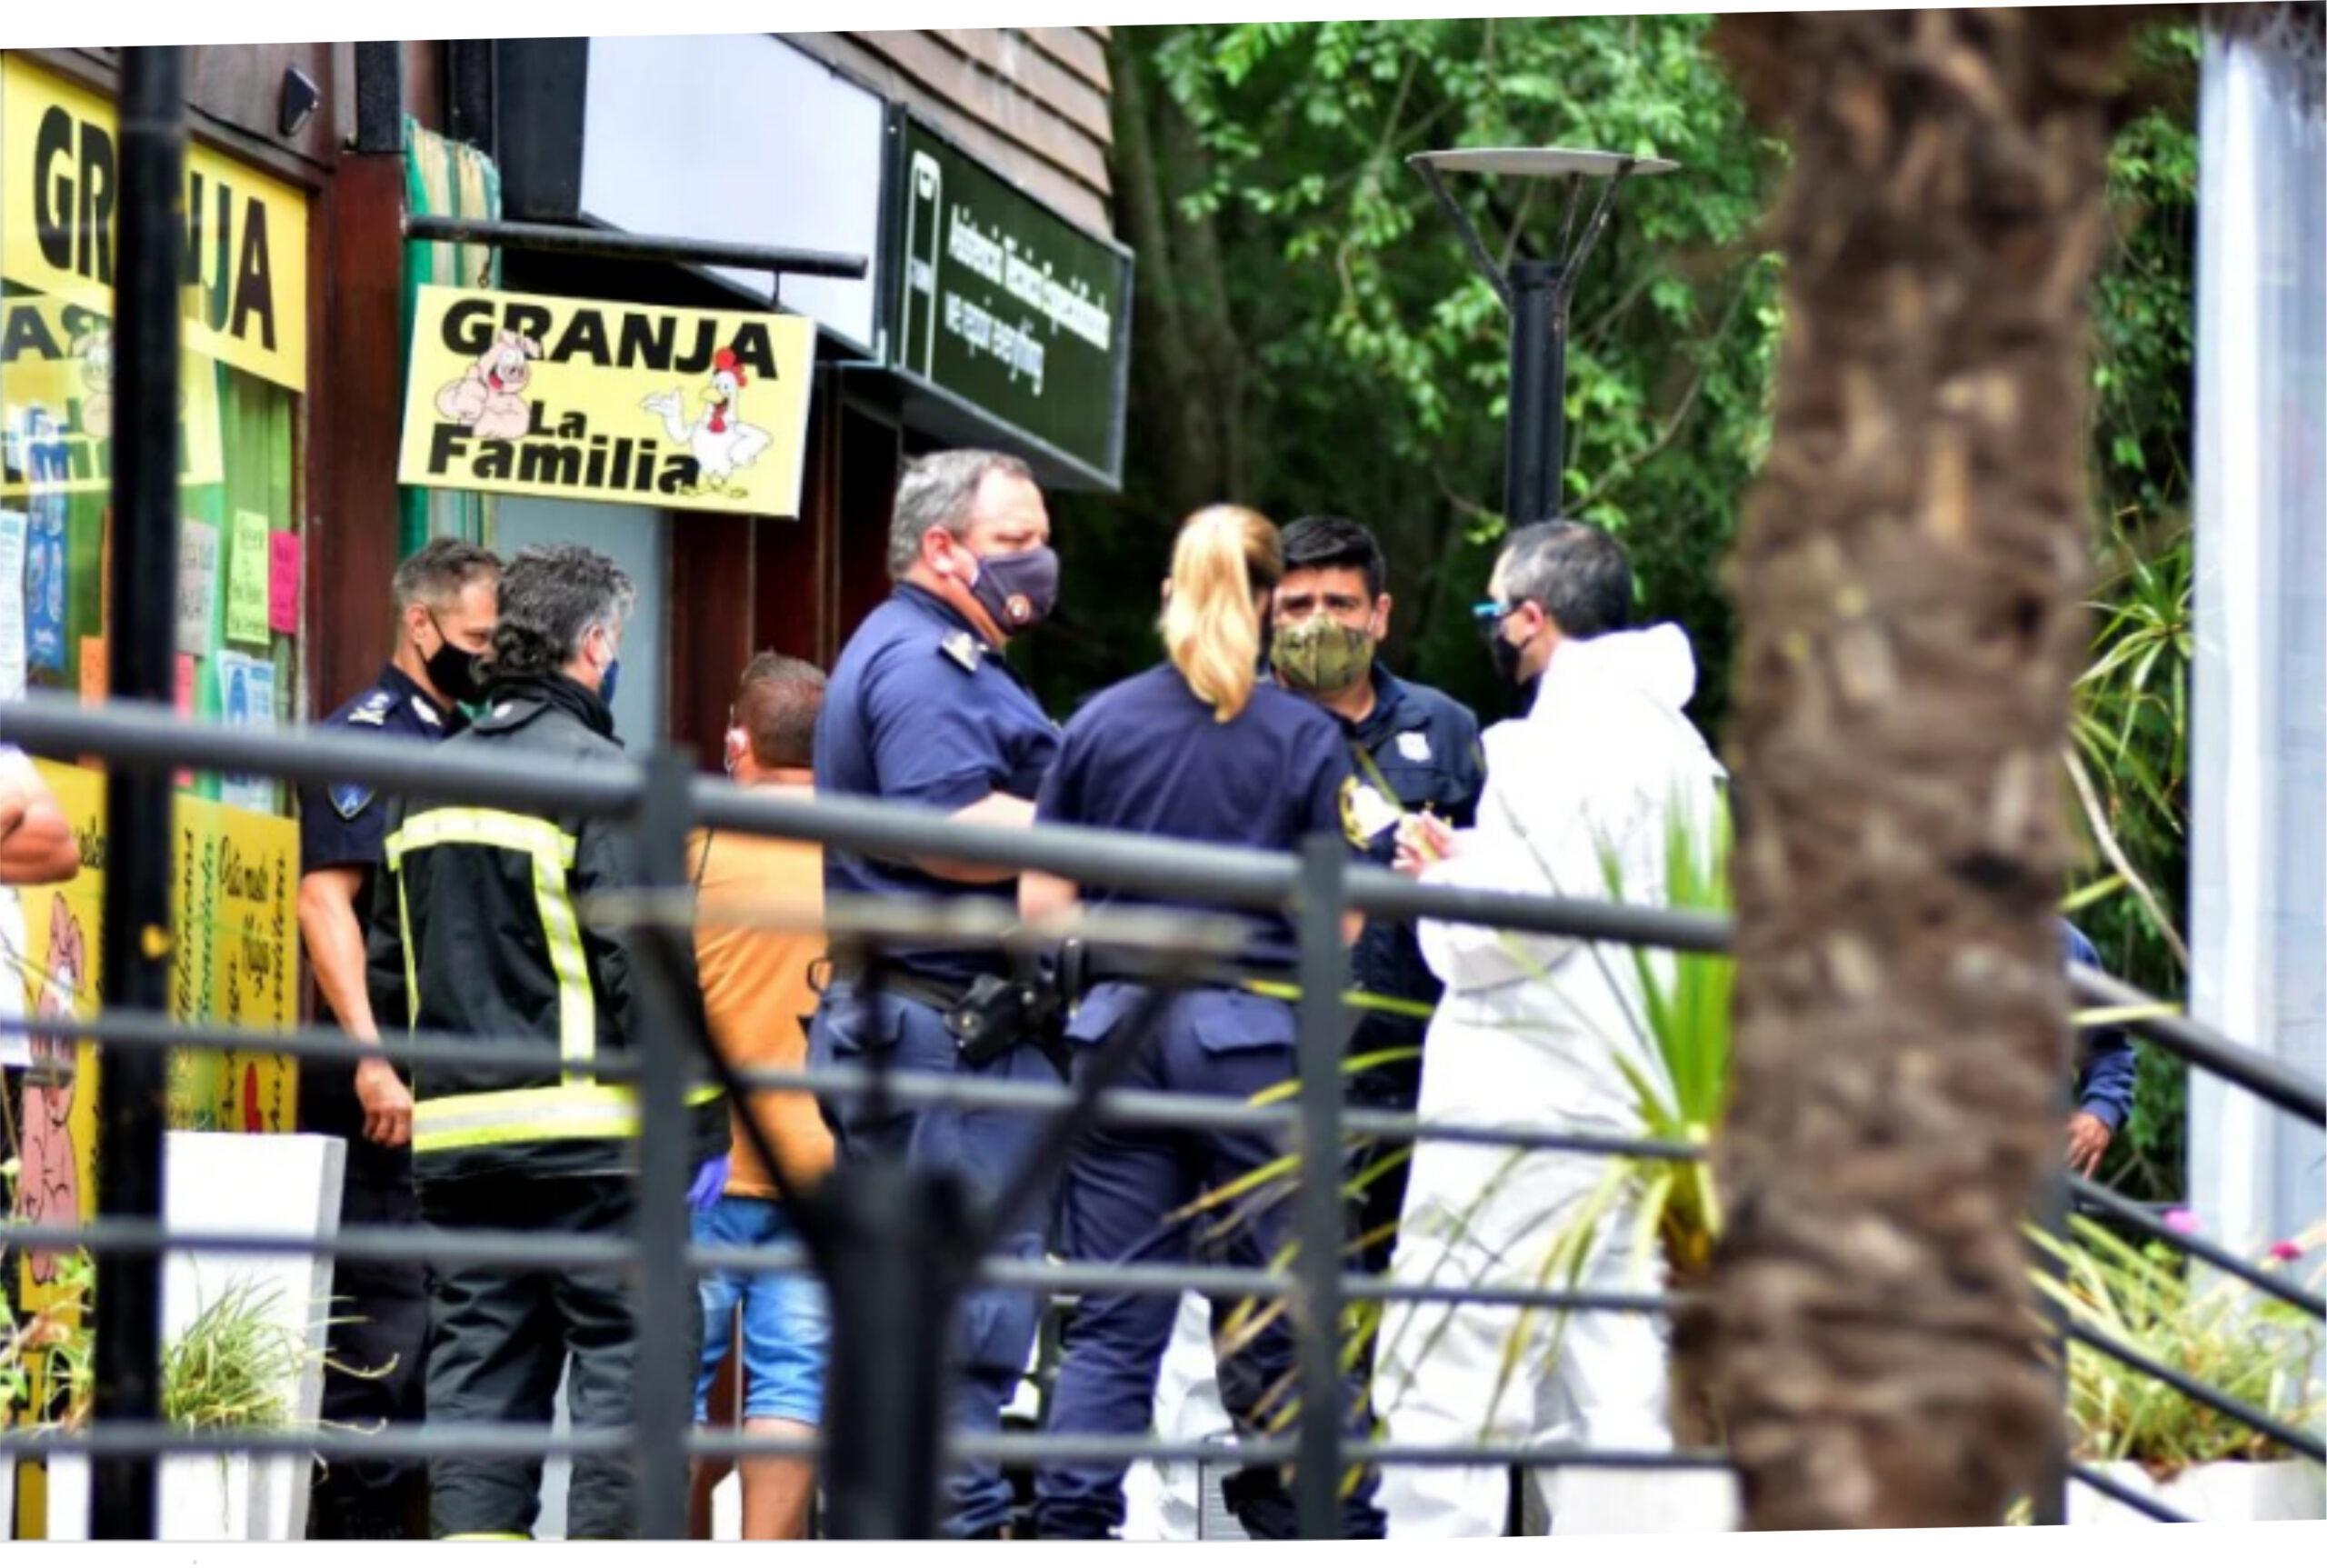 Asesinaron en Mar del Plata a Florencia Ascaneo, vinculada familiarmente a Tres Arroyos